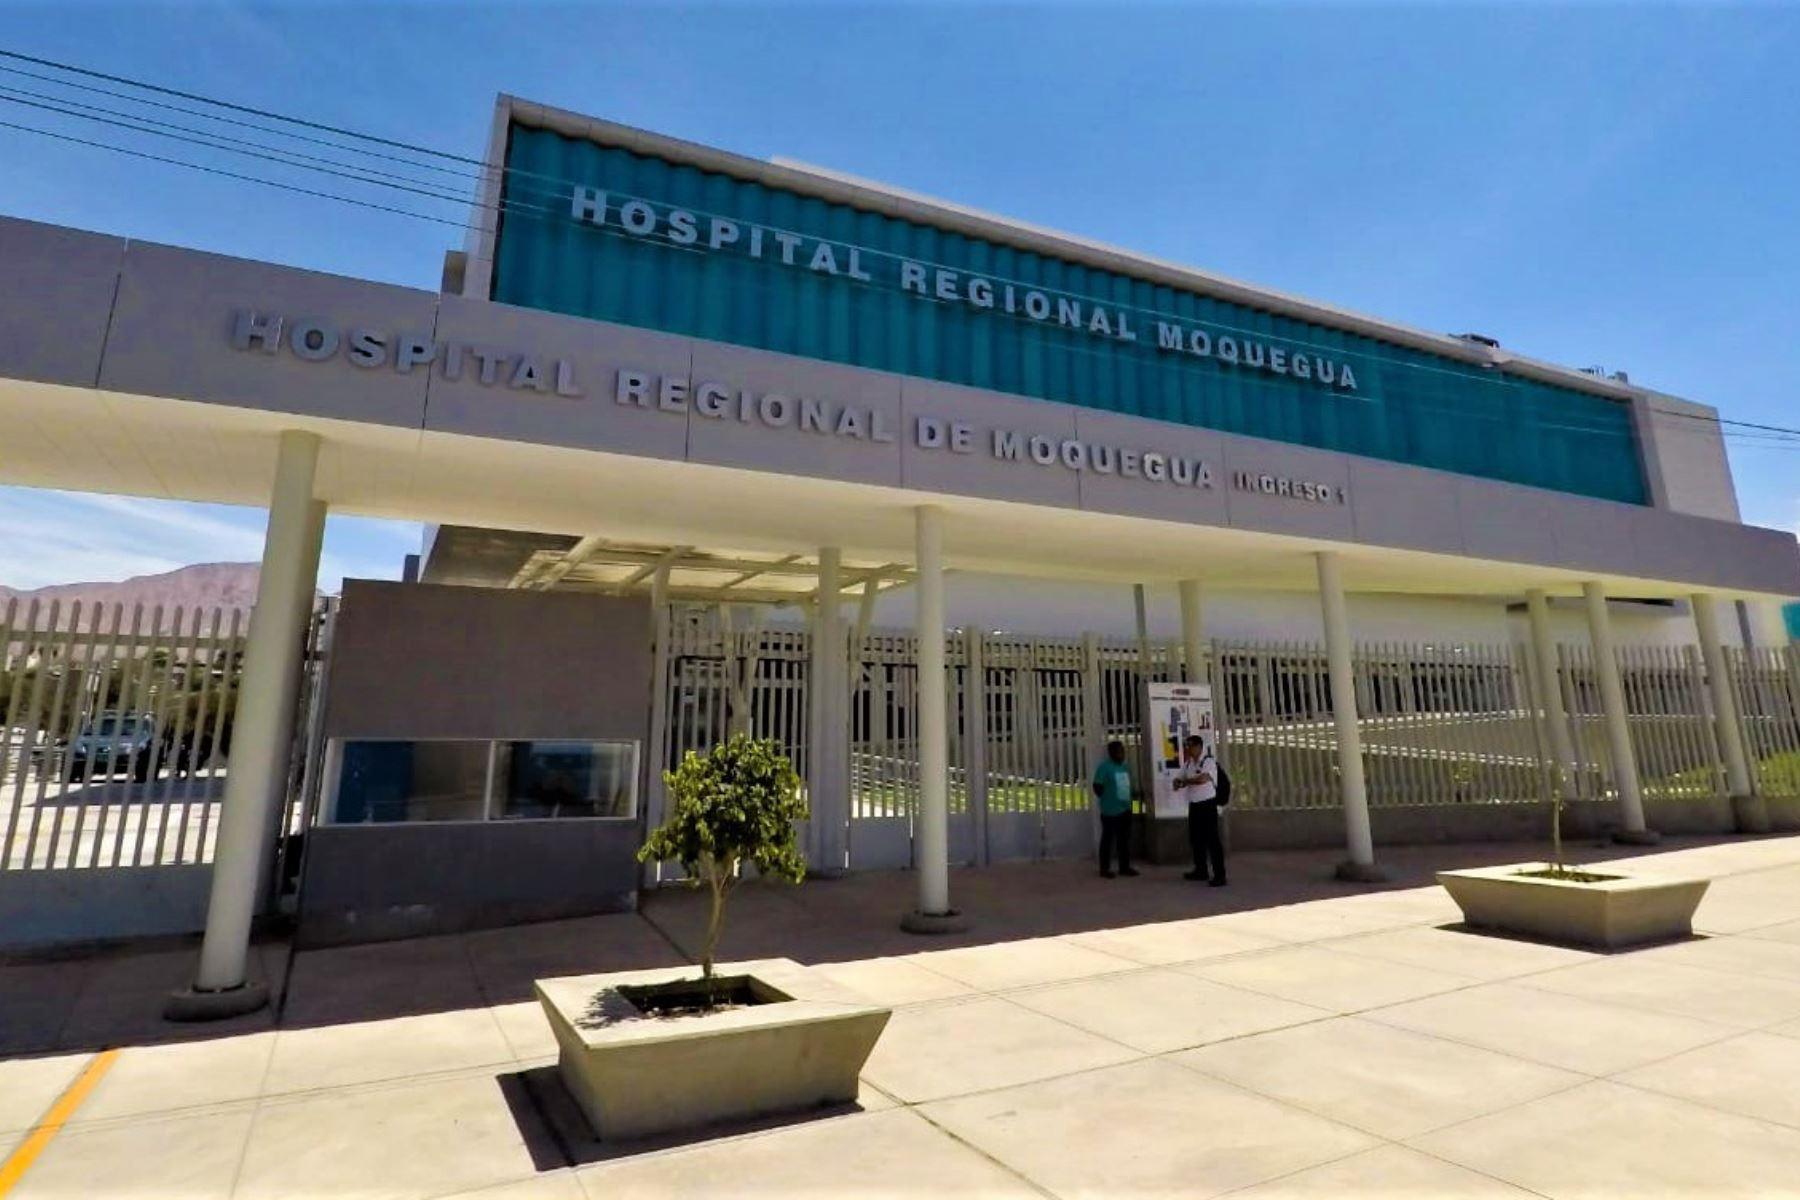 La ministra de Salud, Silvia Pessah, anunció la próxima puesta en funcionamiento del nuevo Hospital Regional de Moquegua, como parte de la política de fortalecimiento de los servicios de salud especializados en beneficio de la población.